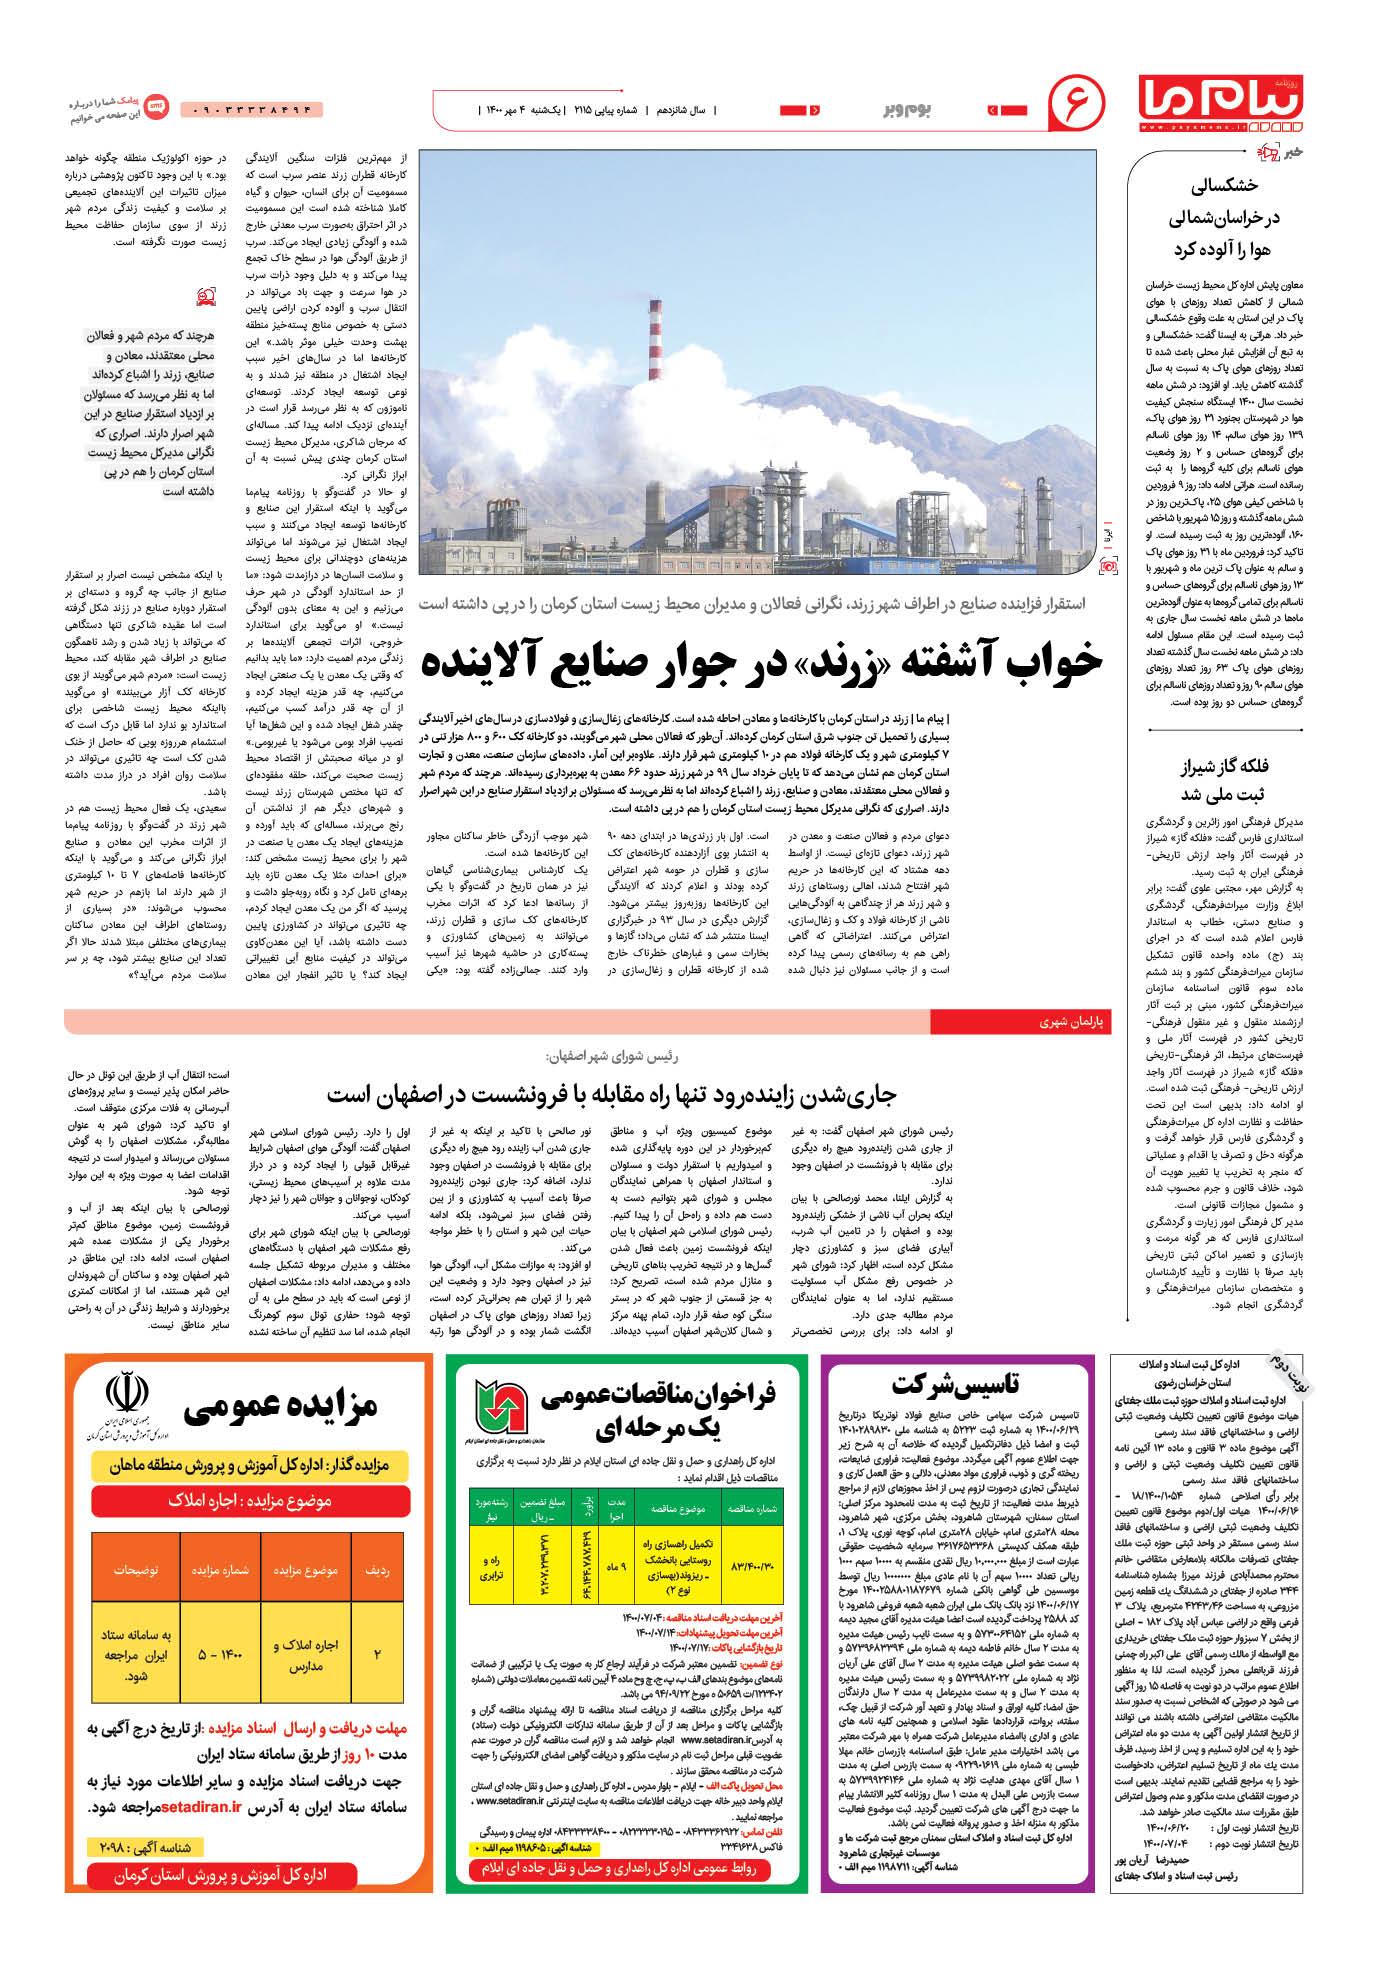 صفحه بوم و بر شماره 2115 روزنامه پیام ما